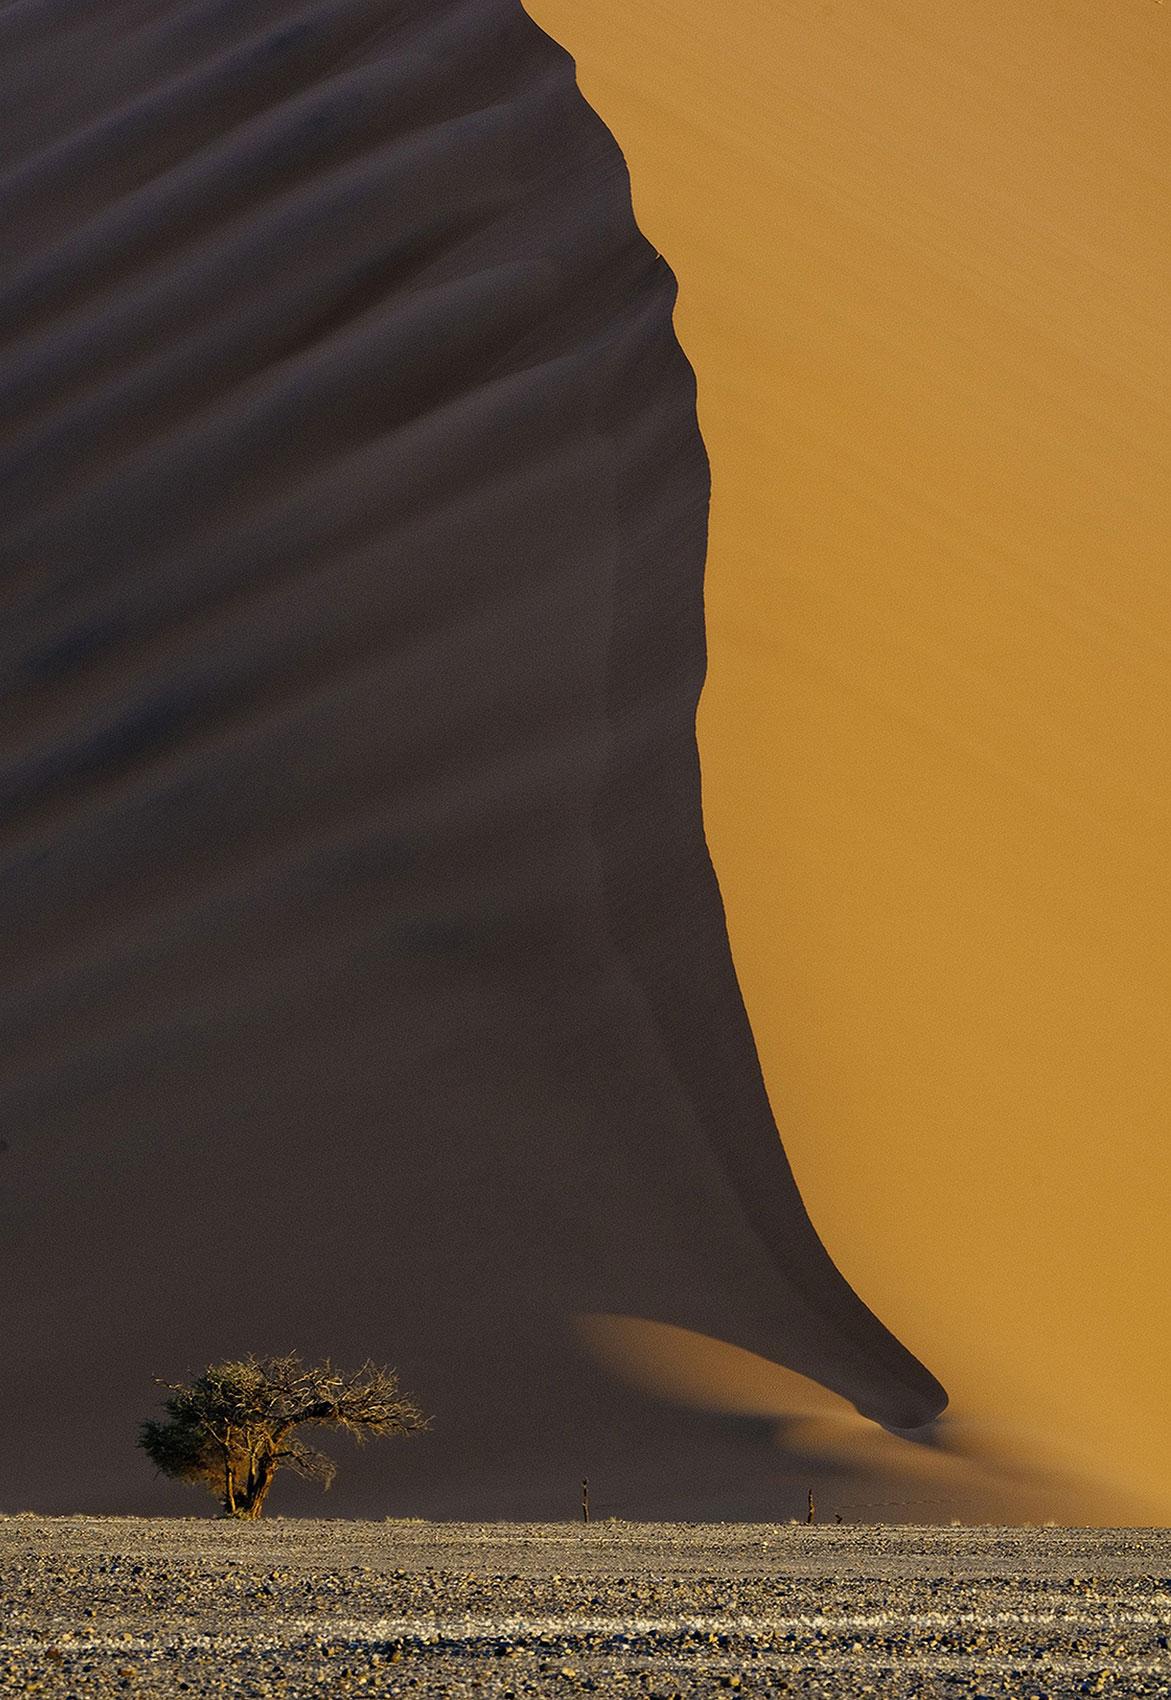 акация в дюнах